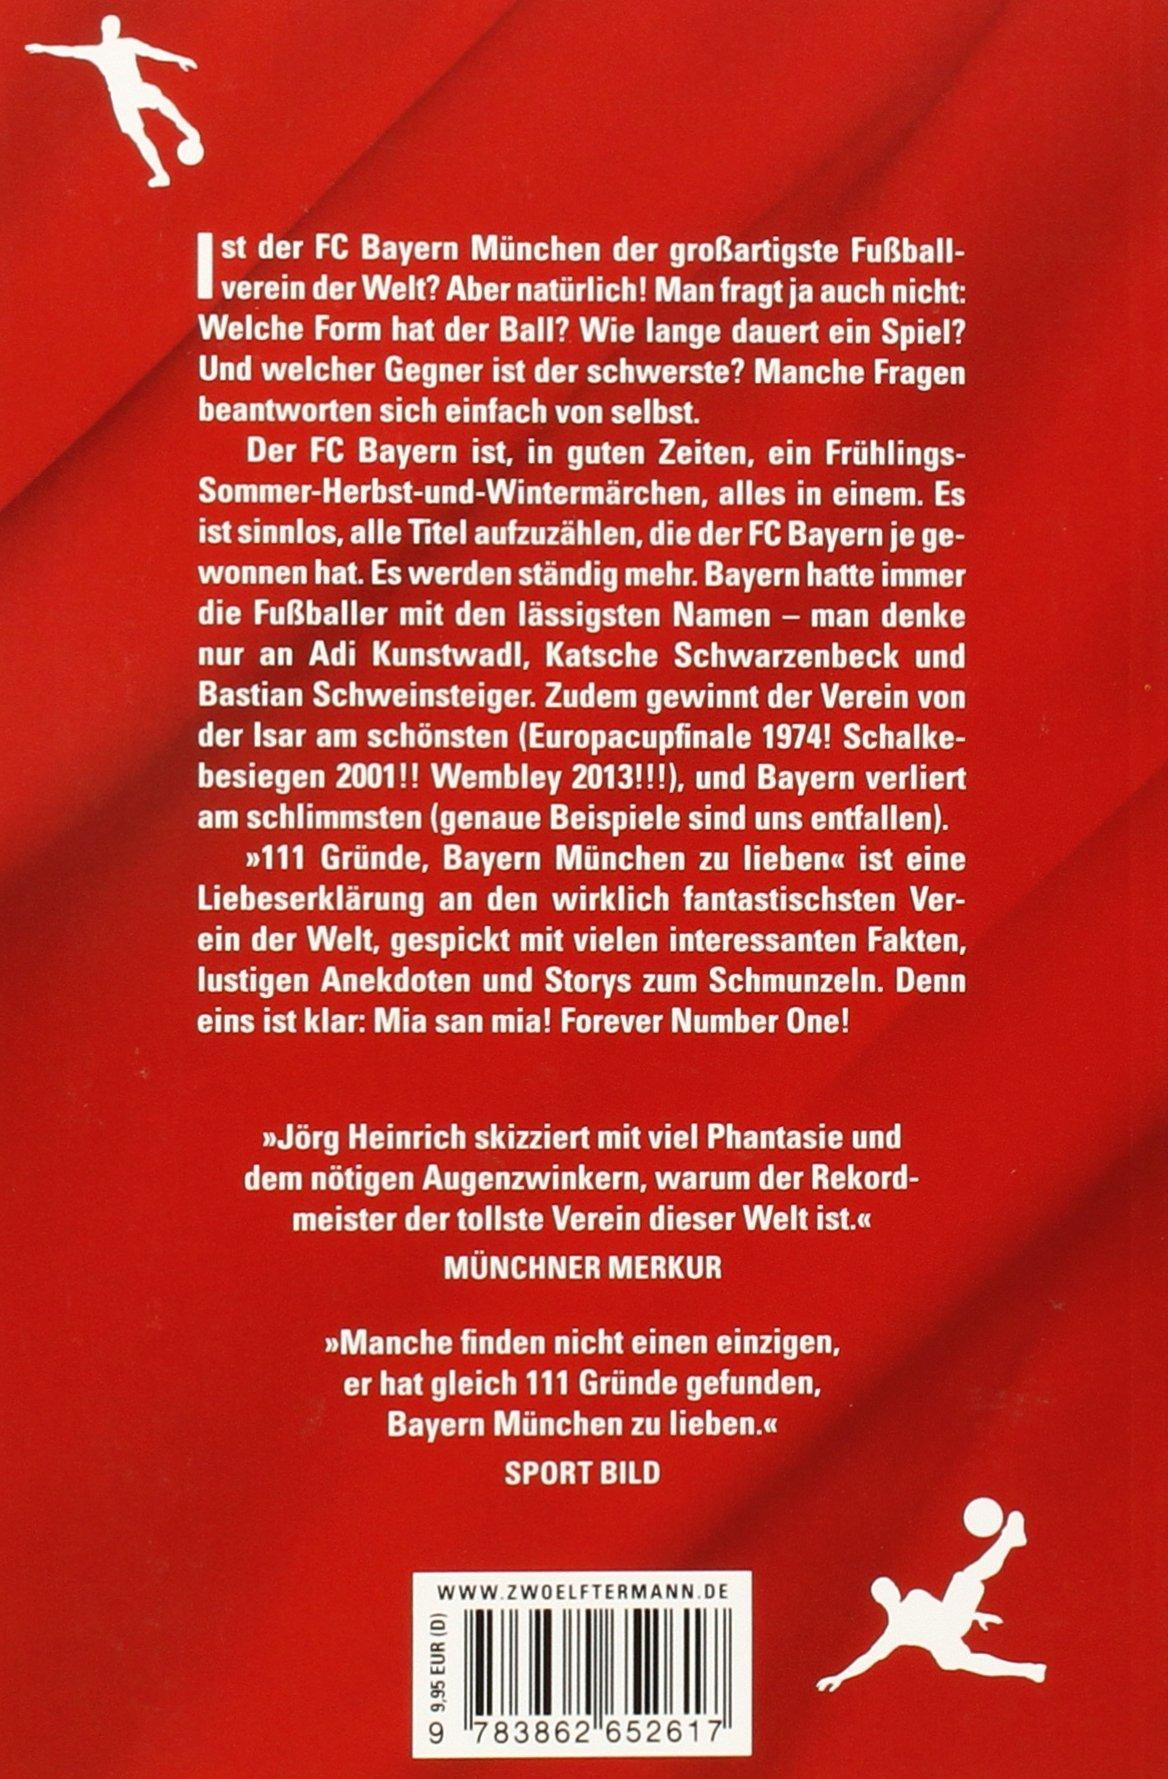 111 Gründe Bayern München Zu Lieben Eine Liebeserklärung